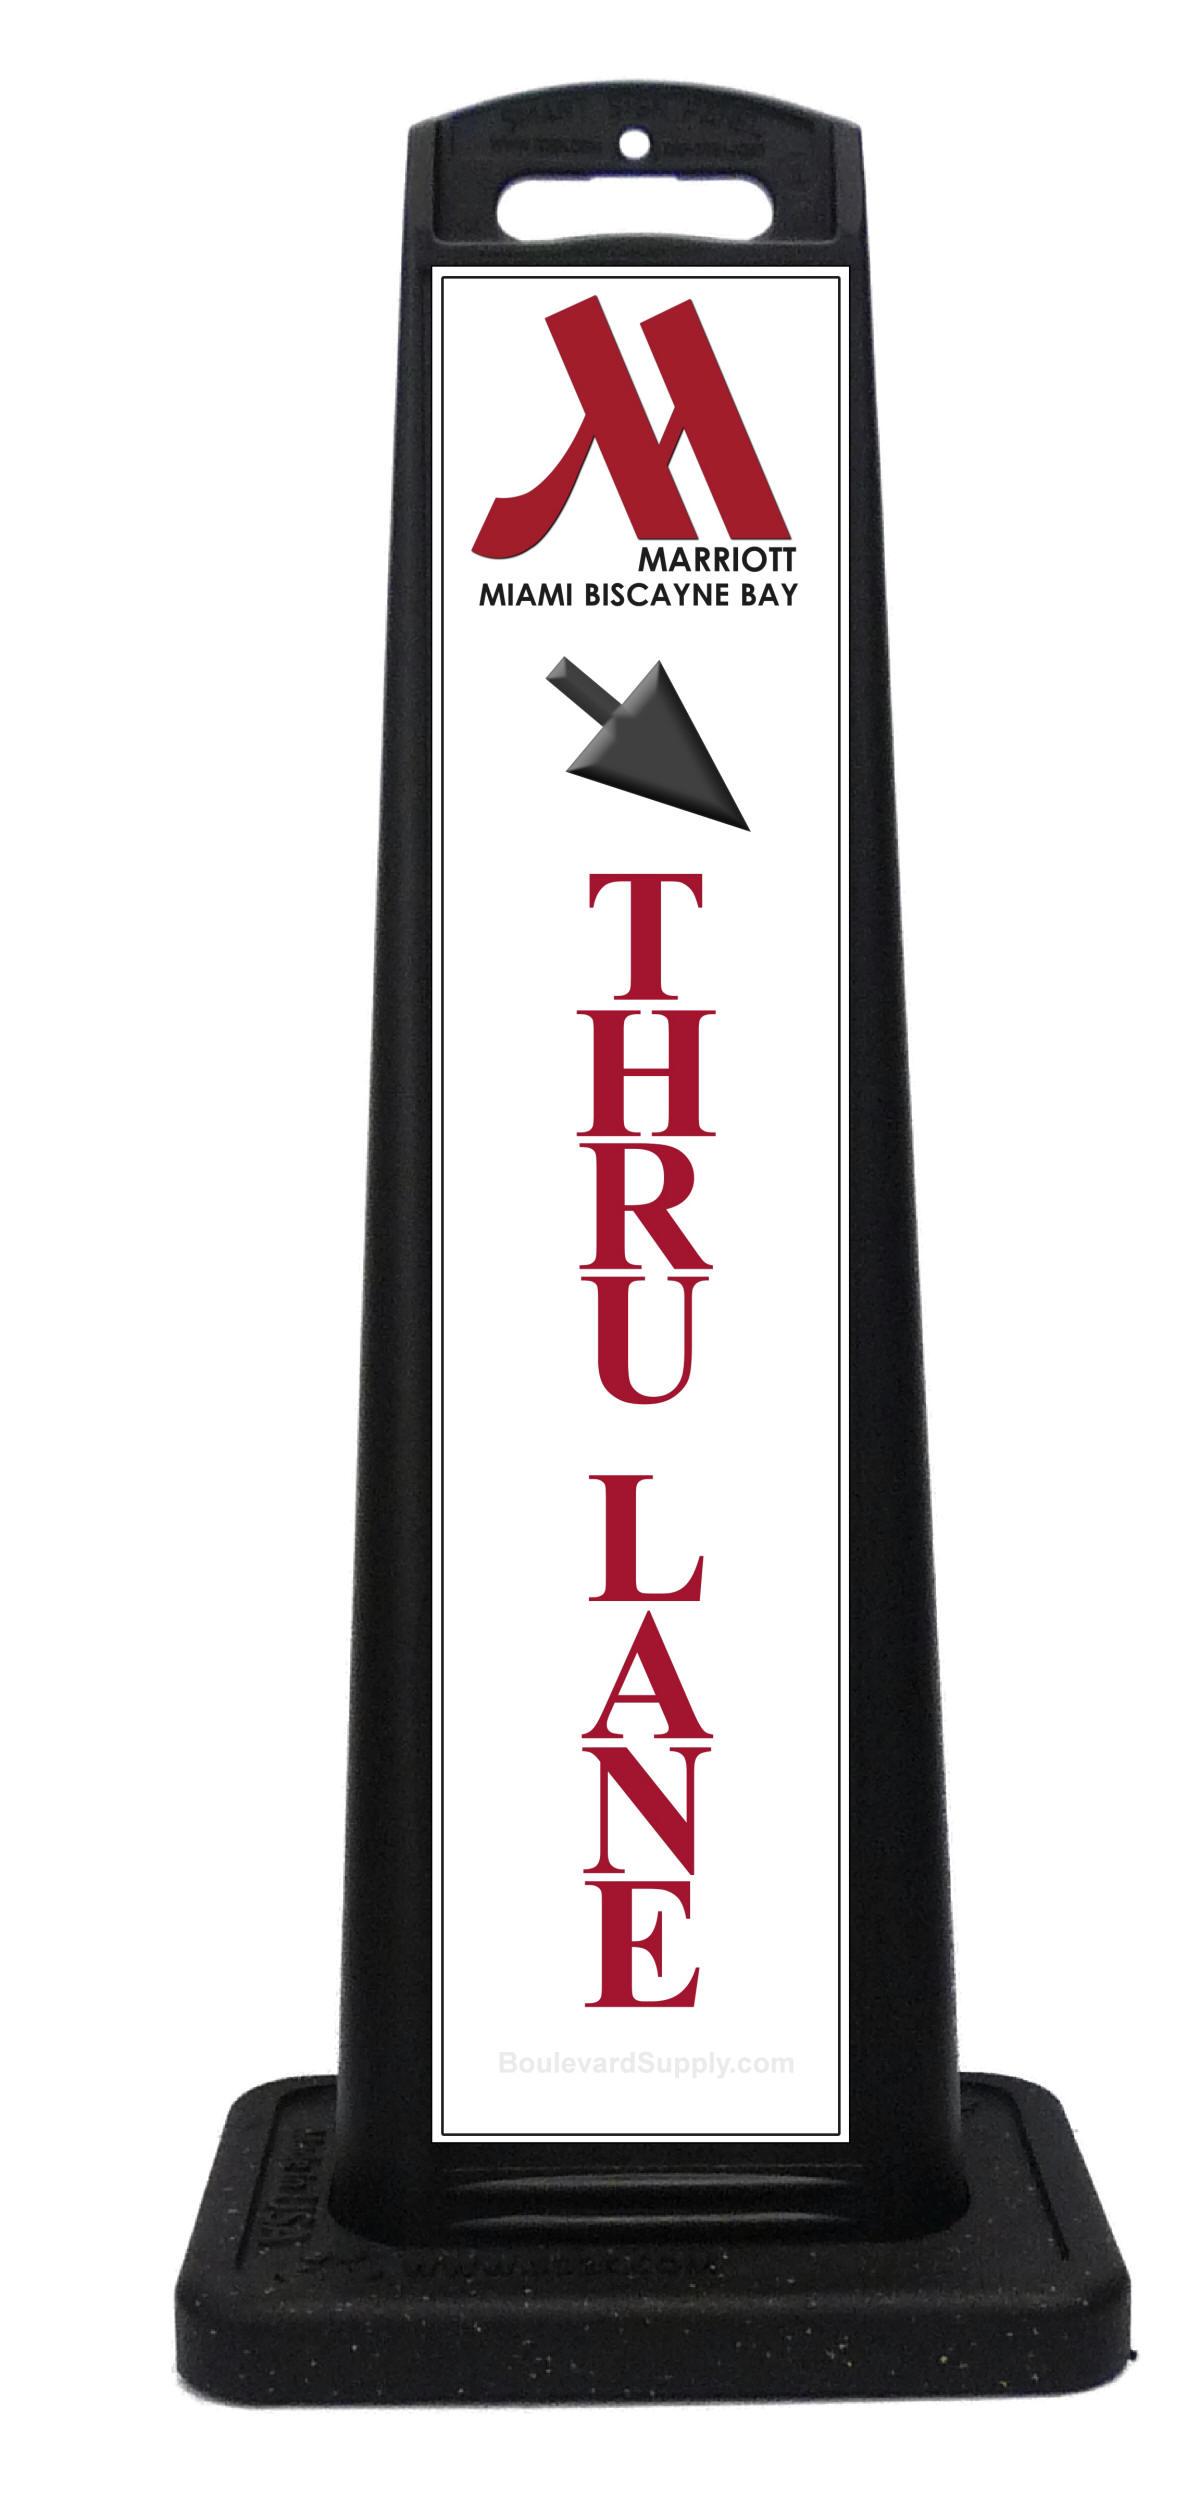 Thru Lane Sign